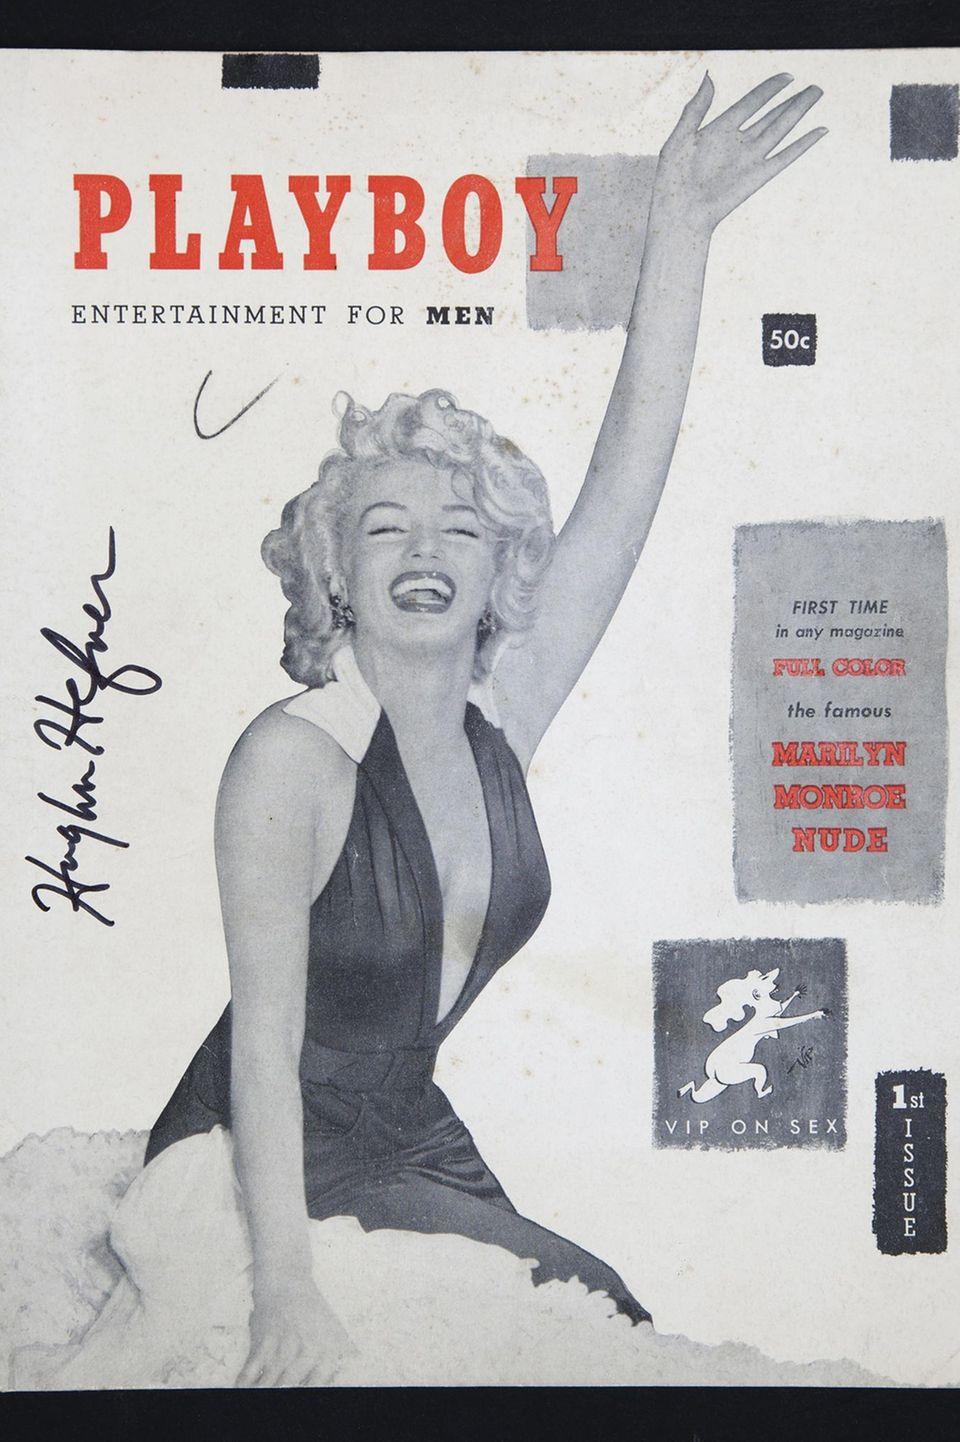 """1953  Nachdem Hugh Hefner an der University of Illinois seinen Abschluss in Psychologie mit Fokus auf kreativem Schreiben und Kunst gemacht und anschließend als Texter bei dem """"Esquire""""-Magazin gearbeitet hat, gründet er den Playboy. Das erste Cover ziert Sexsymbol Marilyn Monroe - auch wenn die zwei sich nie begegneten."""